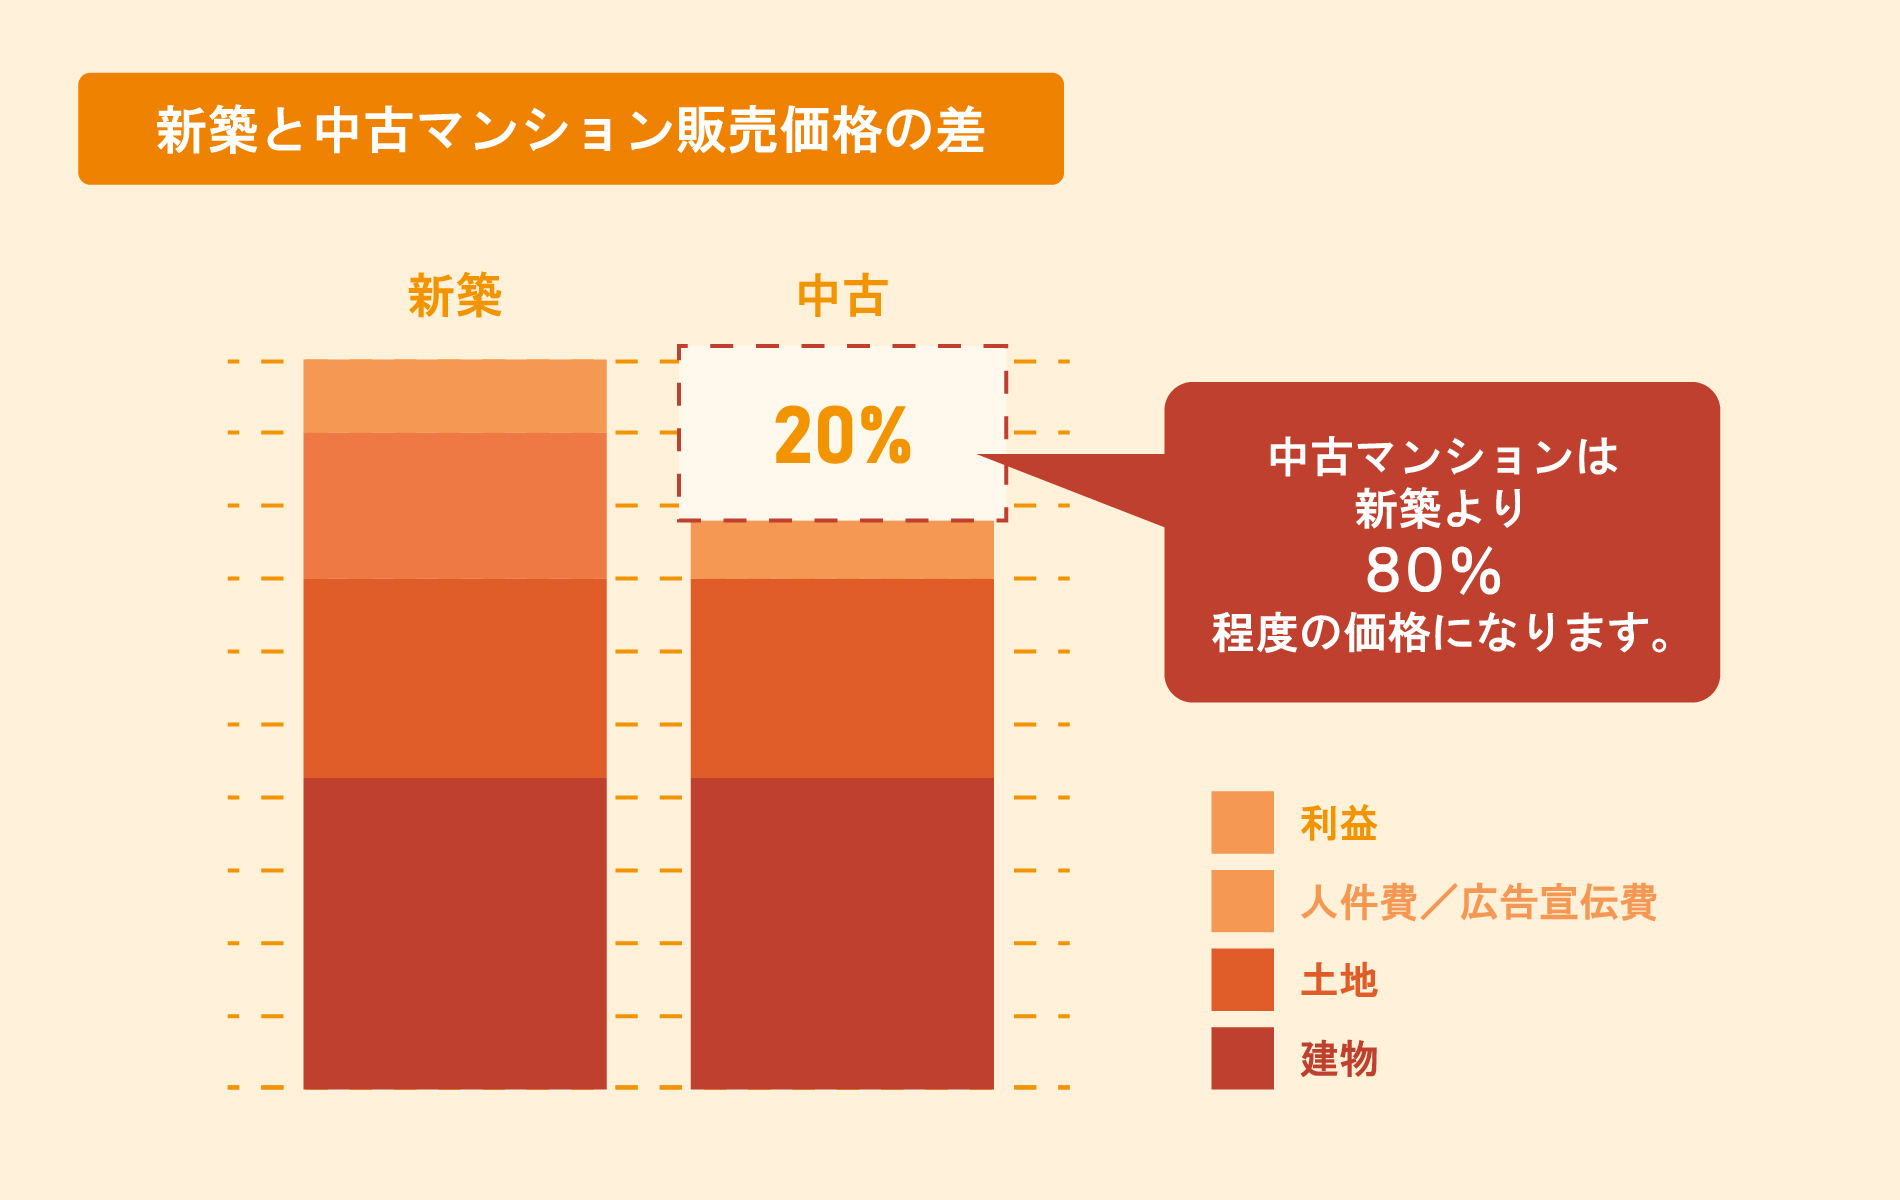 新築と中古マンション販売価格の差の図:中古マンションは新築より80%程度の価格になる。